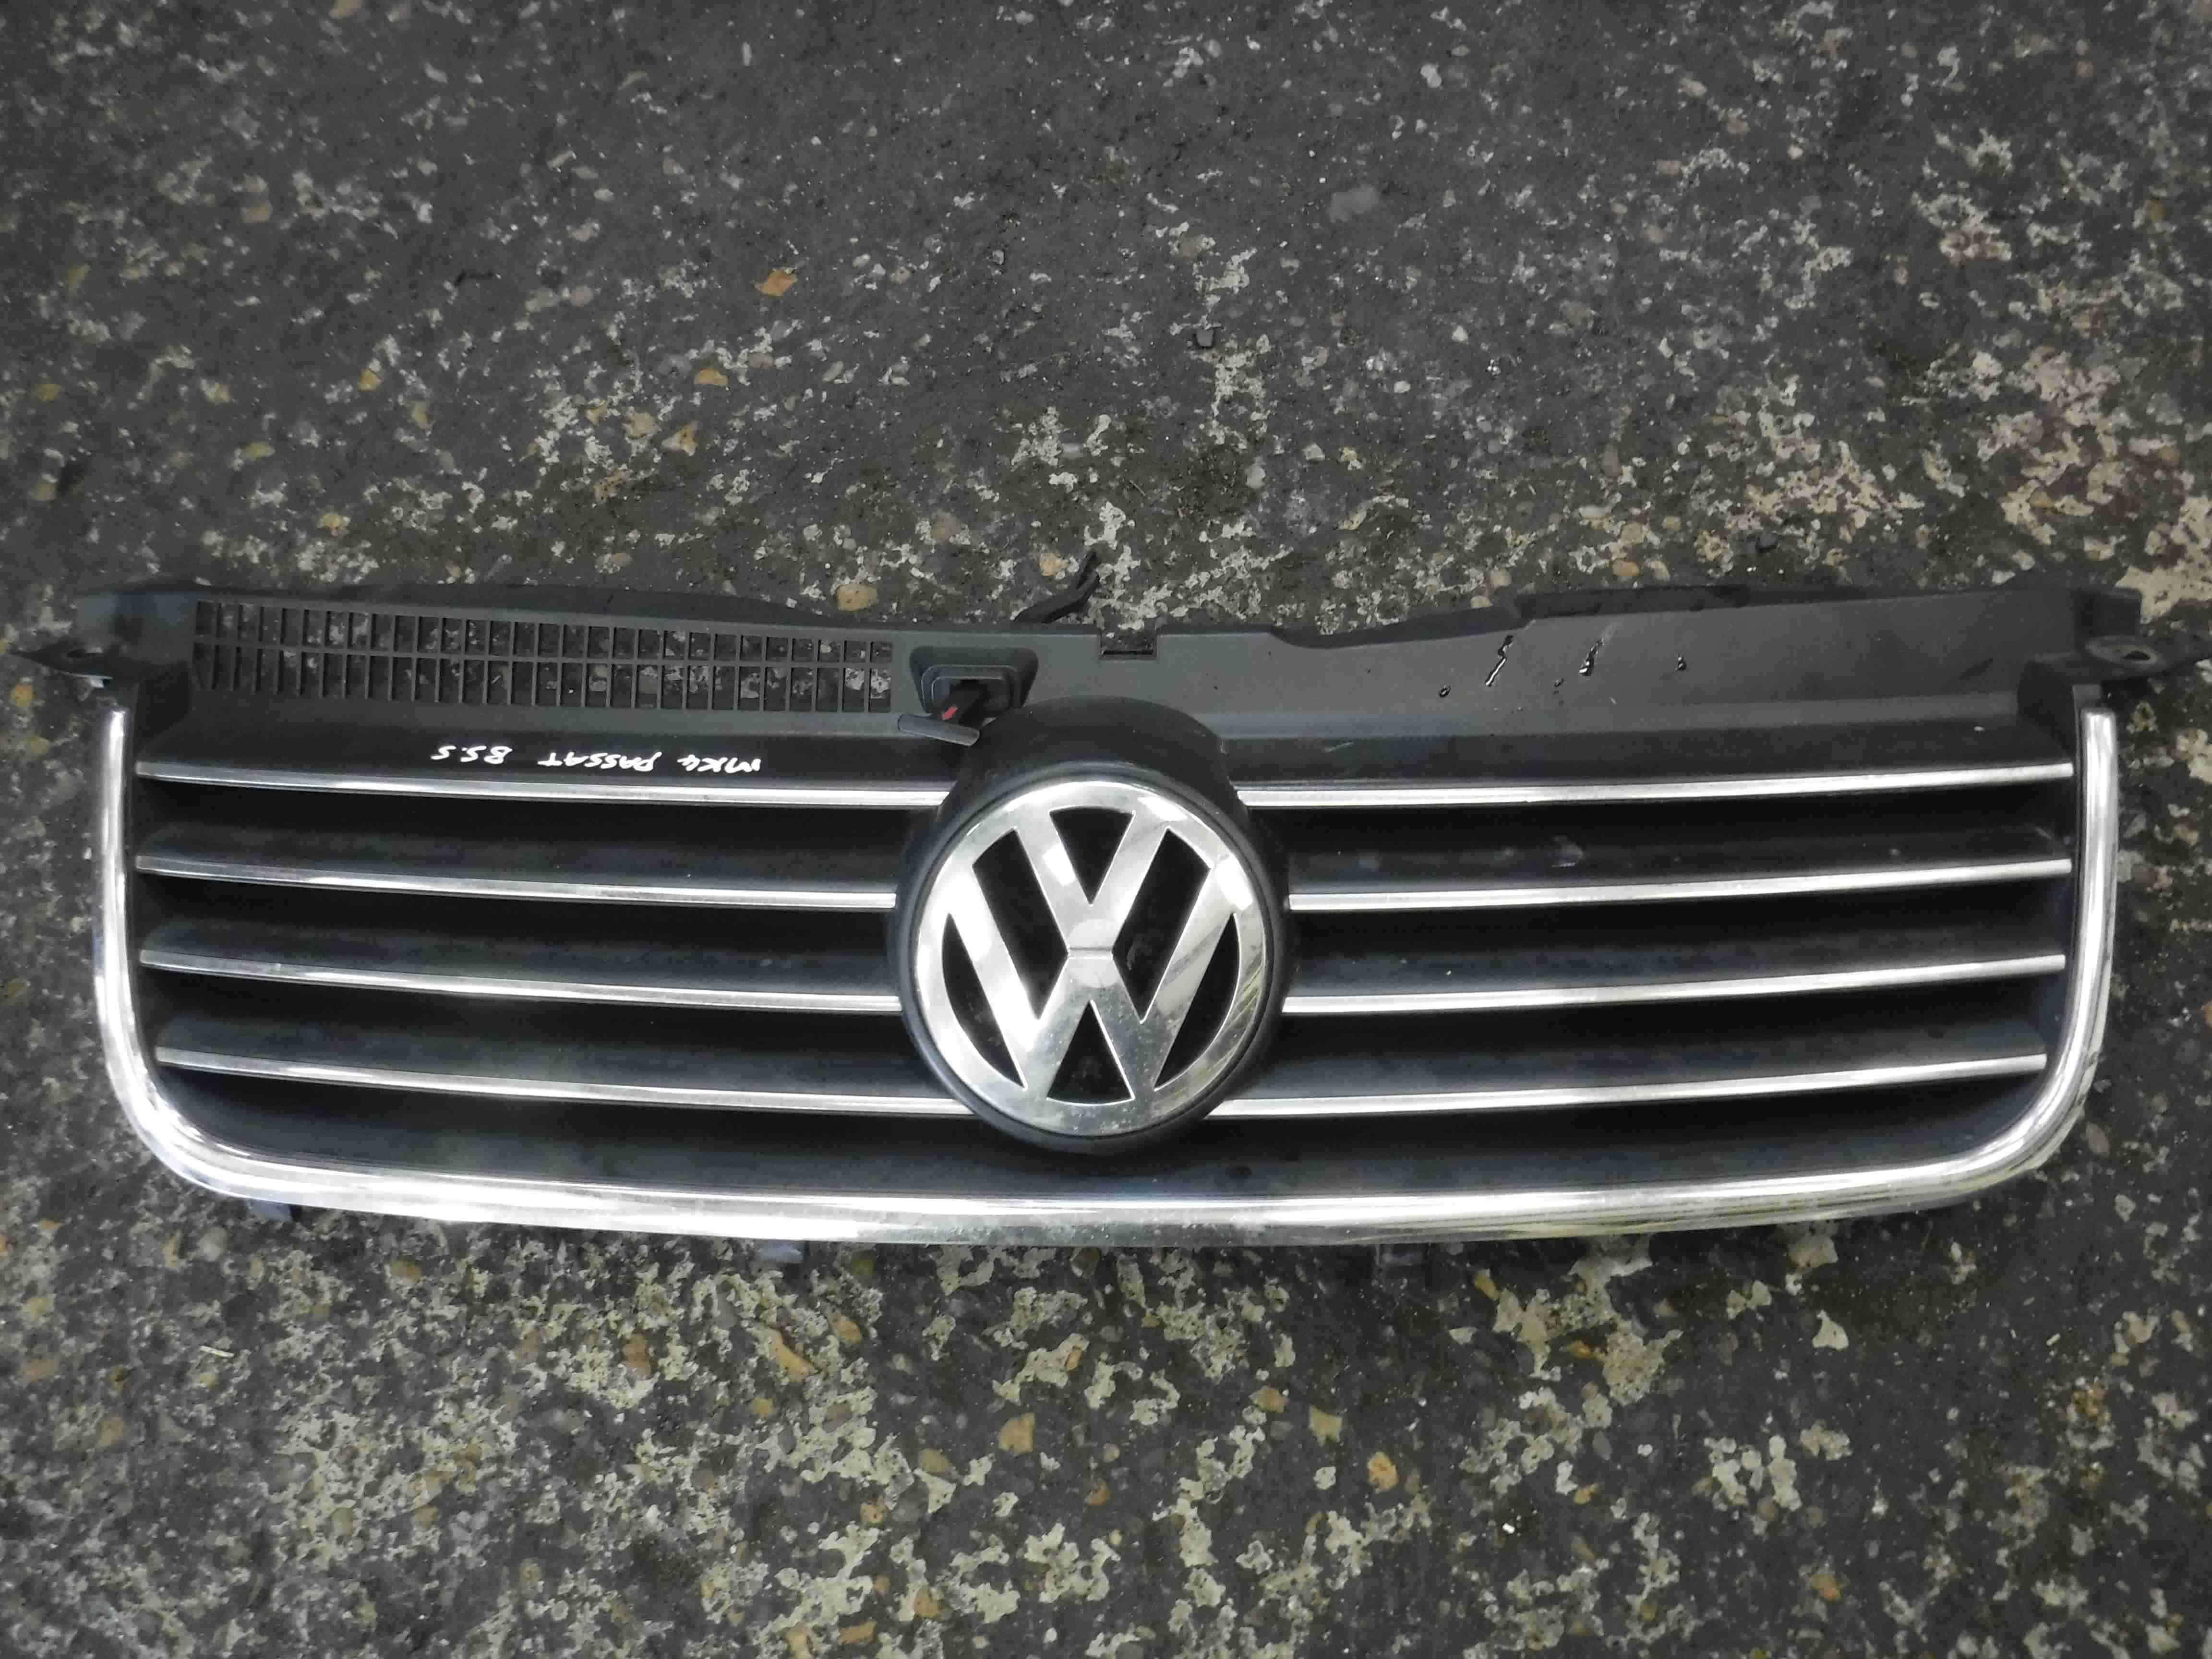 Volkswagen Passat 2001-2005 B5.5 Front Bumper Grill Grille Badge 3B0853651